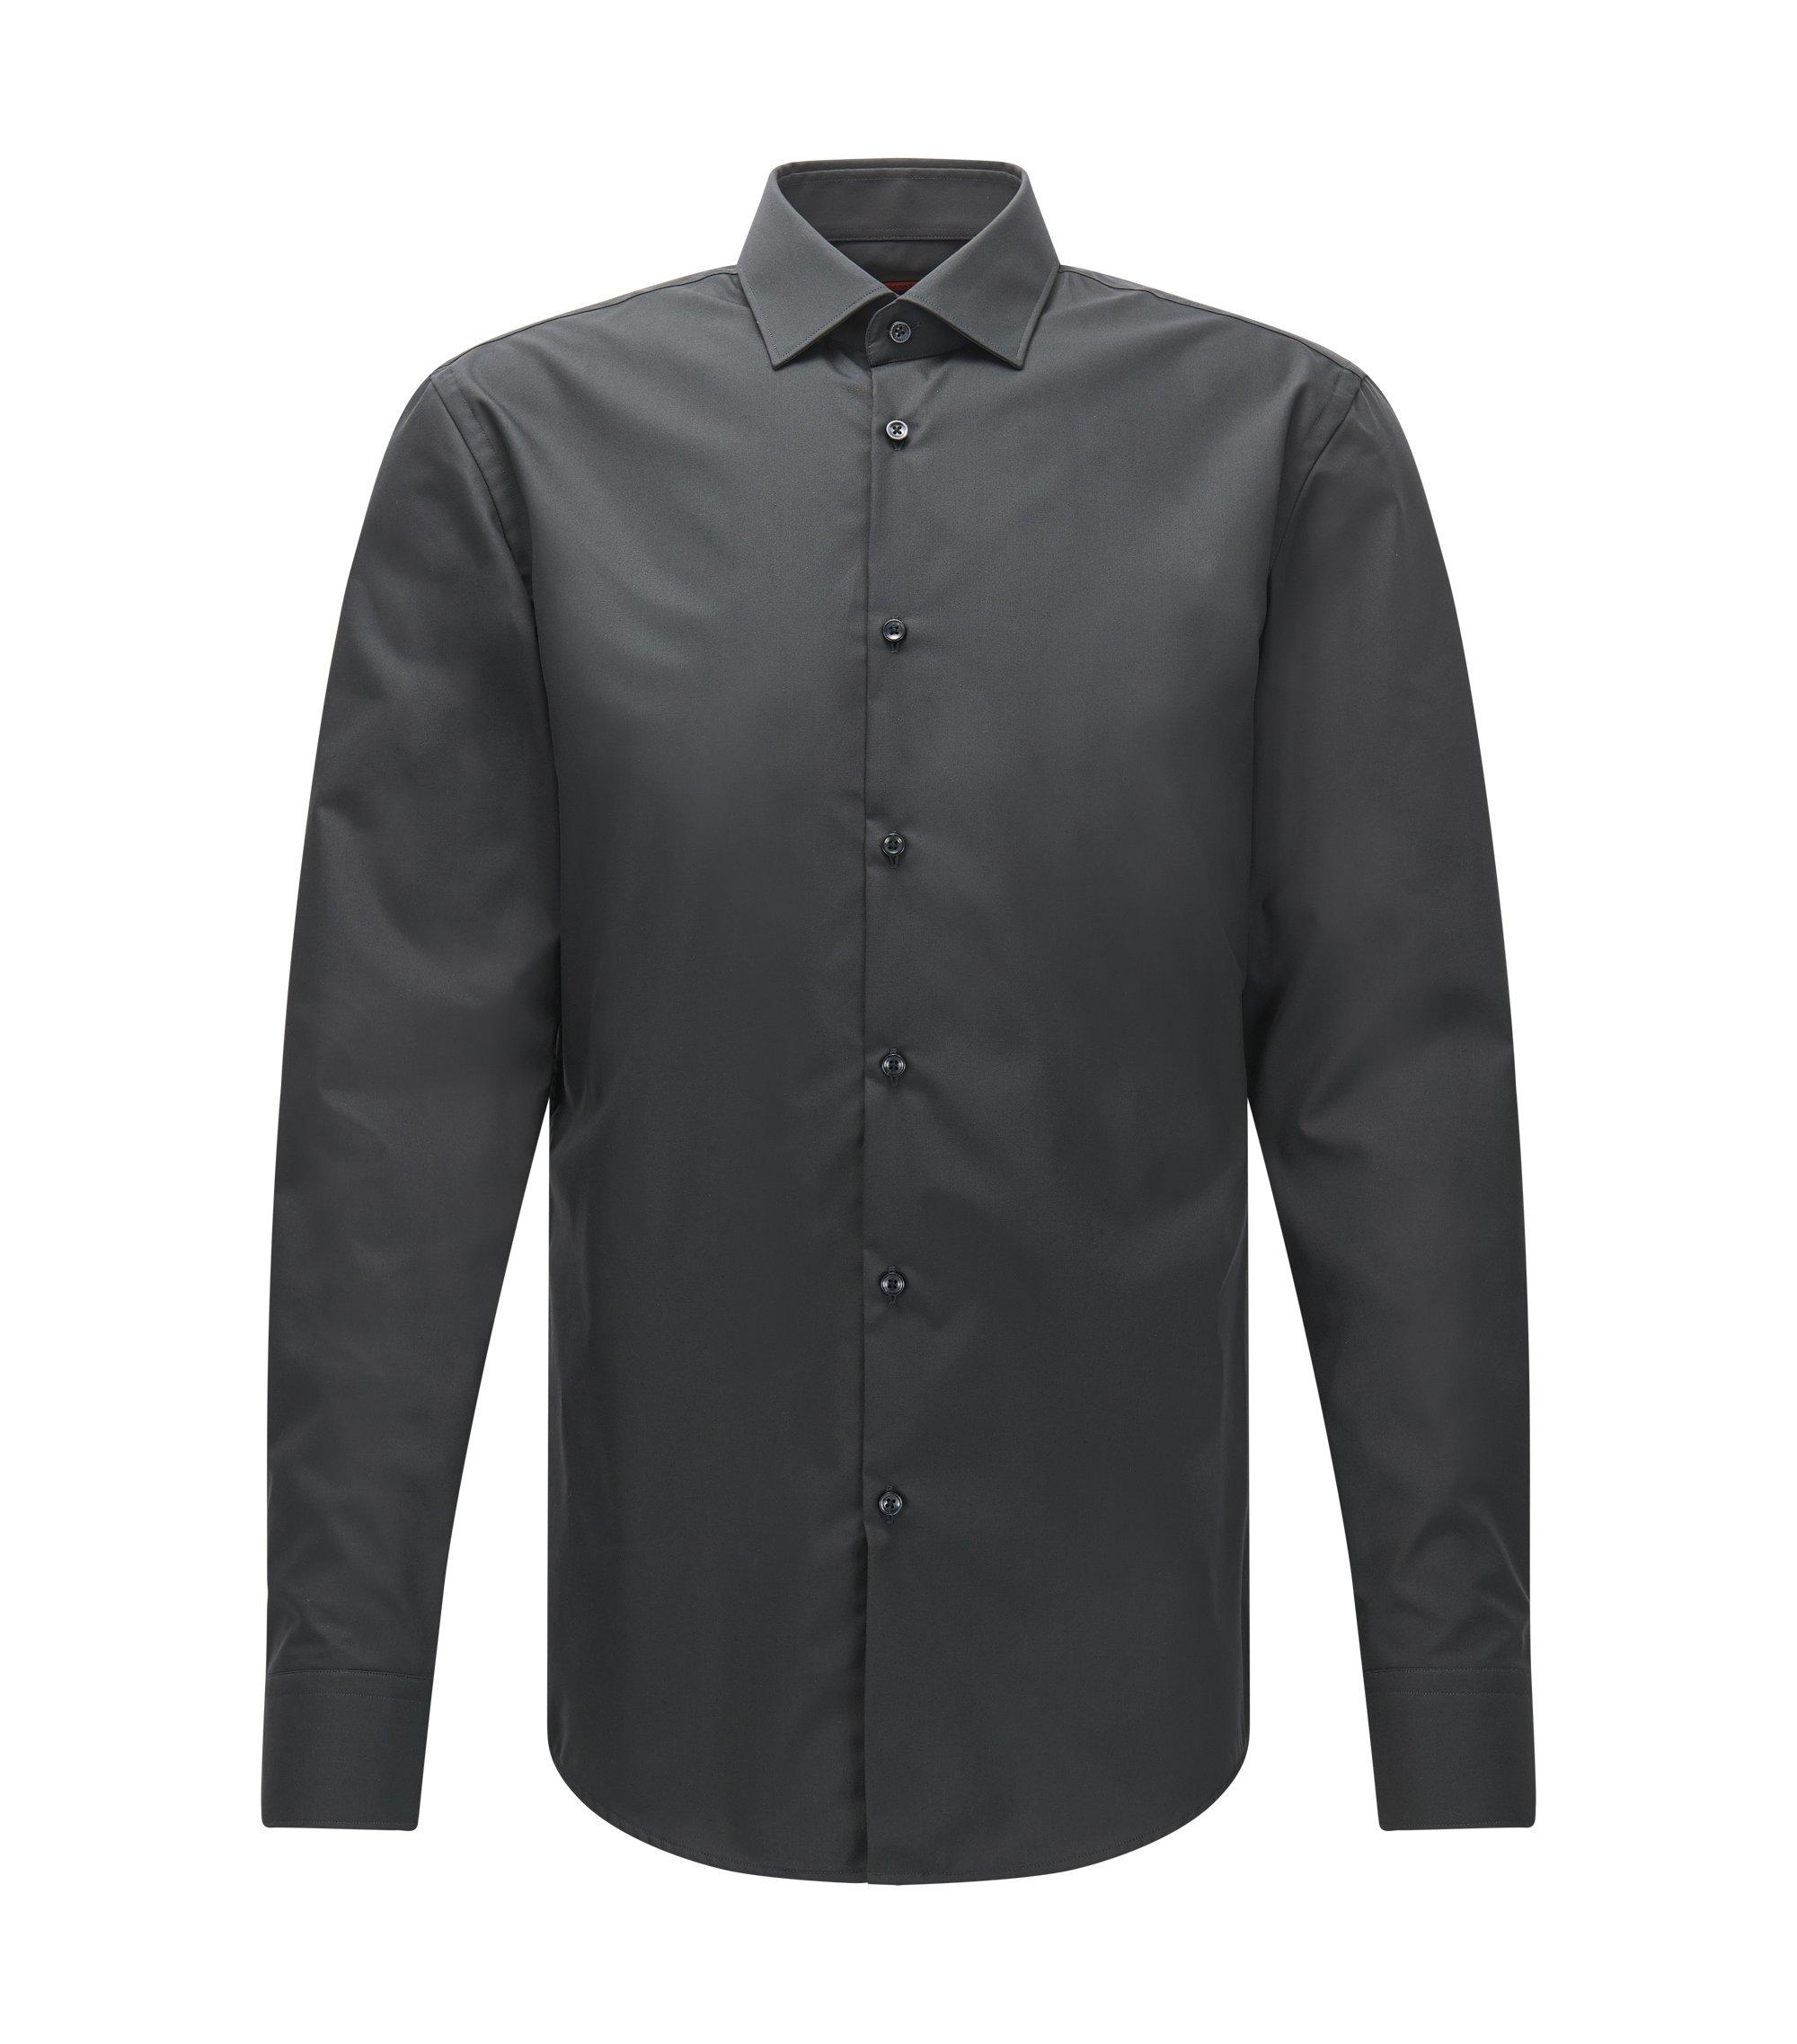 Camicia business slim fit in popeline di cotone, Grigio antracite